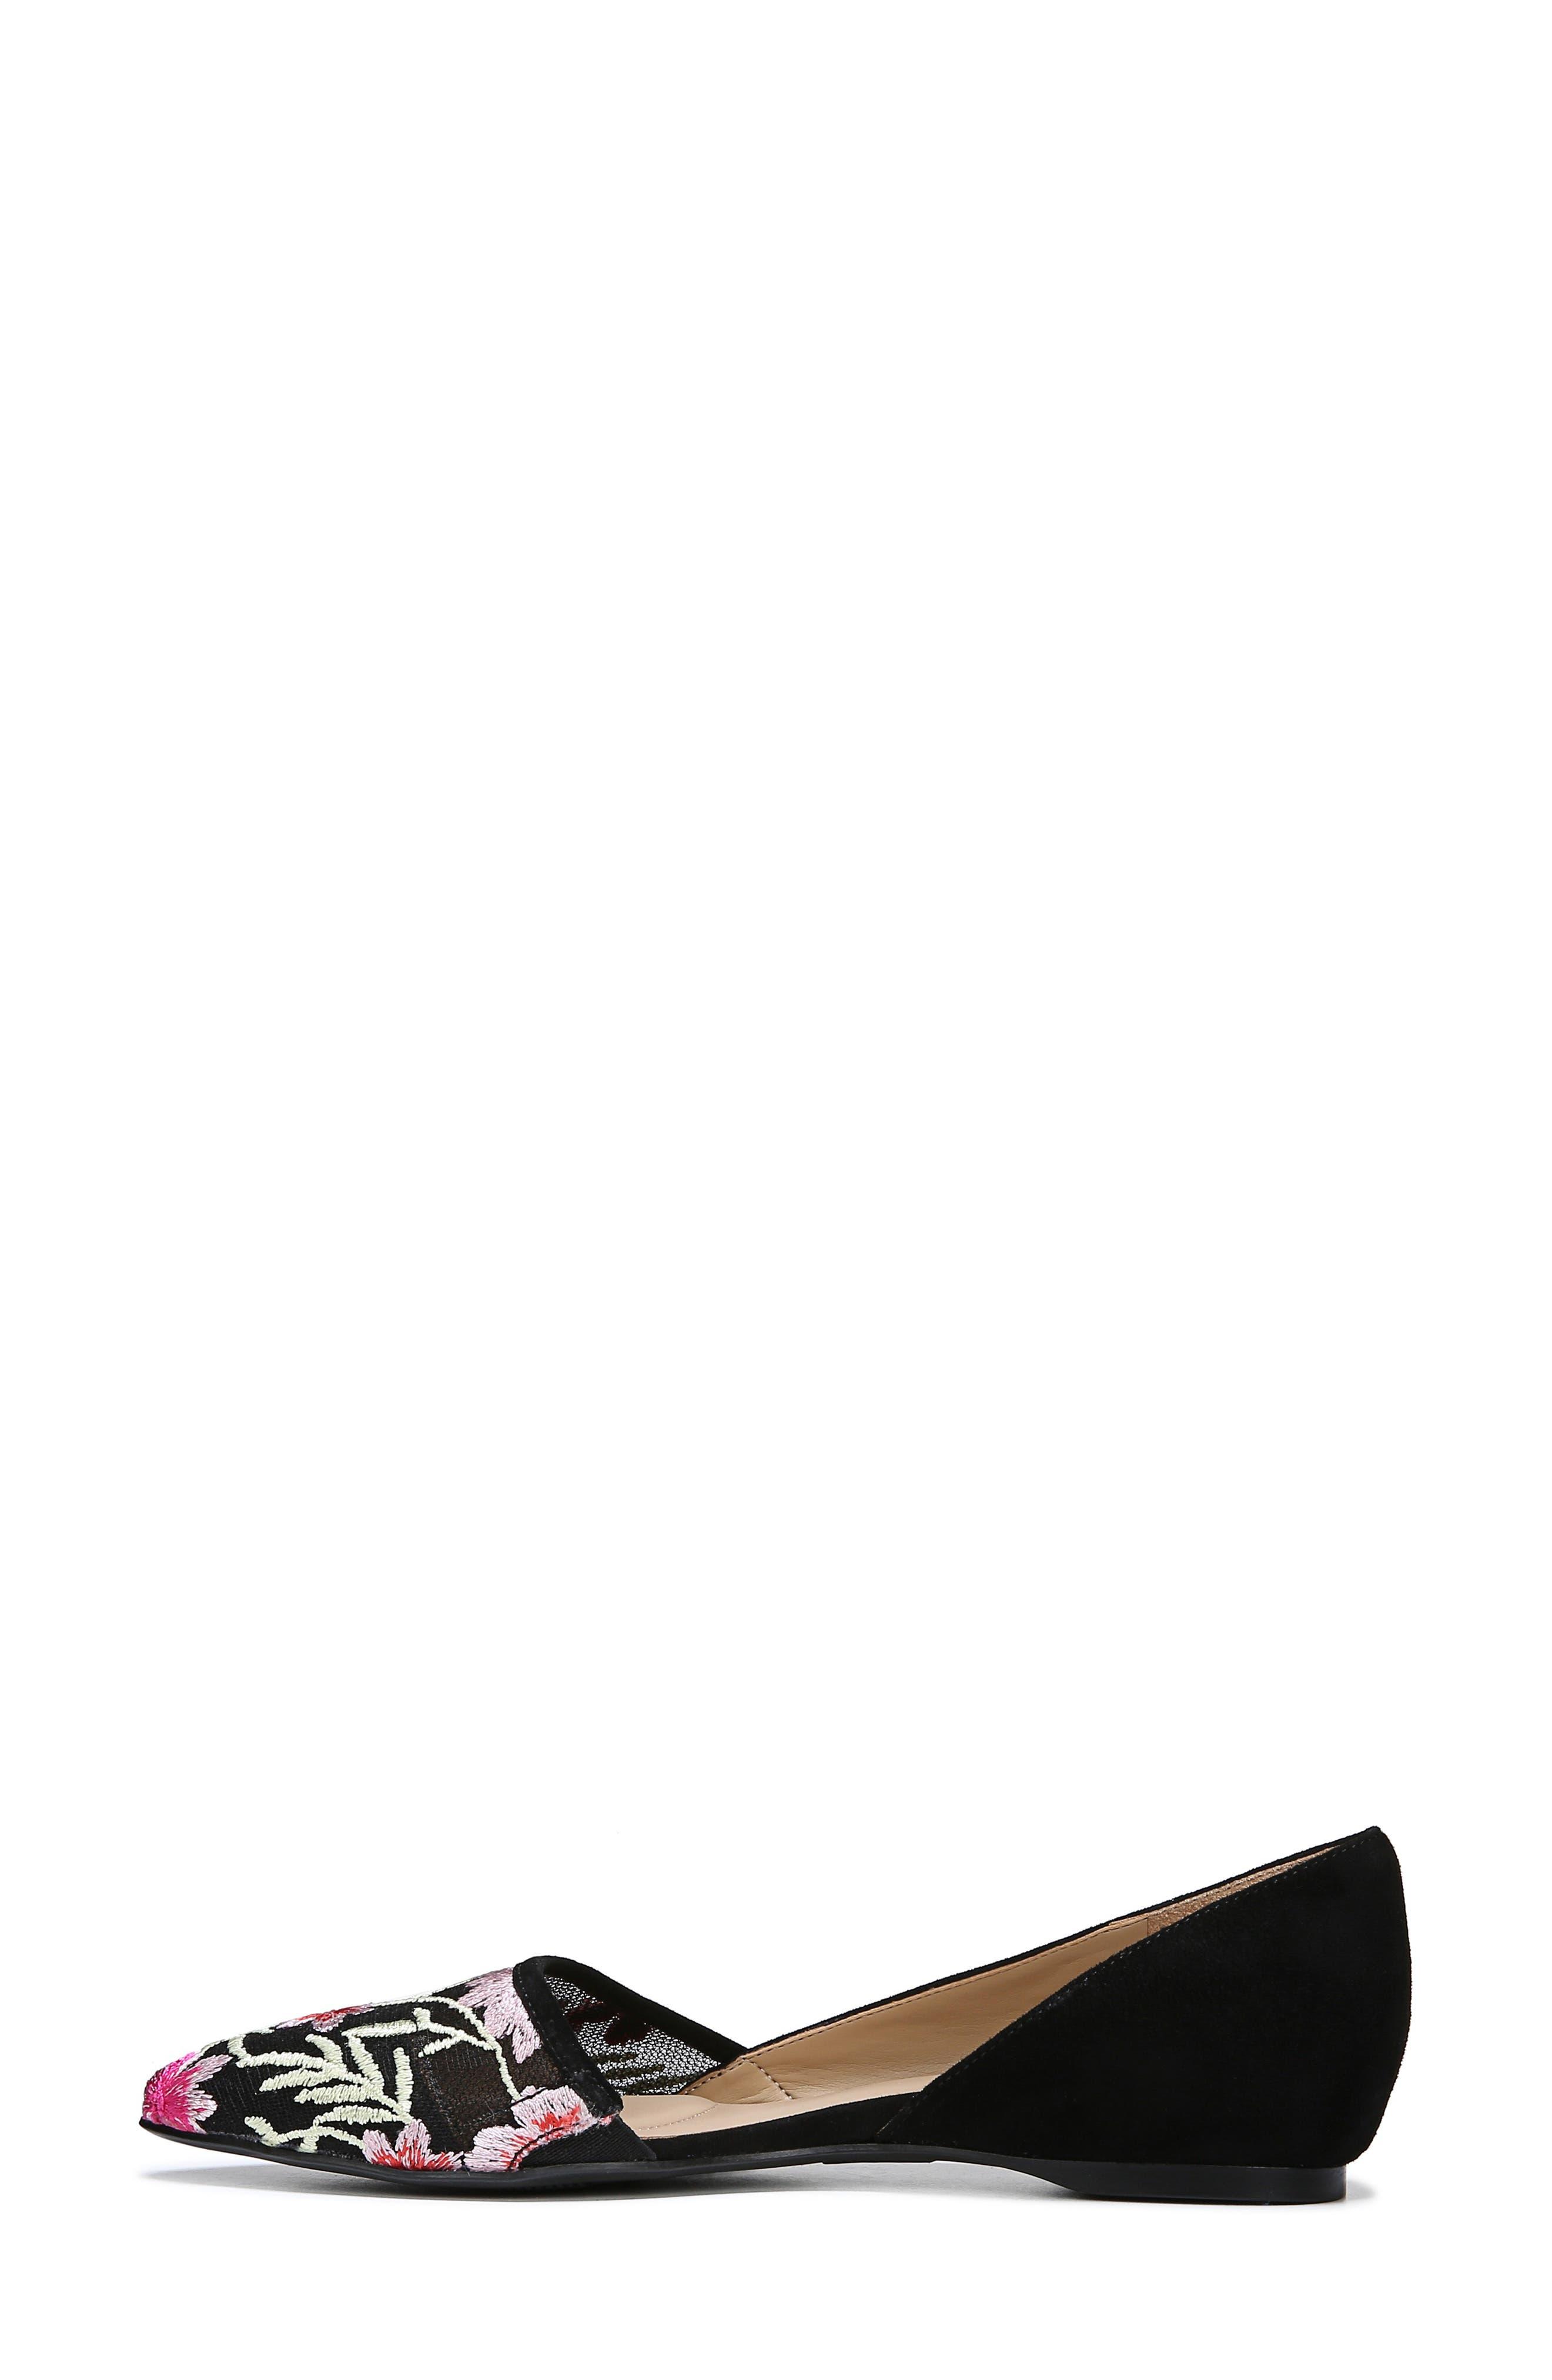 NATURALIZER, Samantha Half d'Orsay Flat, Alternate thumbnail 9, color, BLACK FLORAL SUEDE